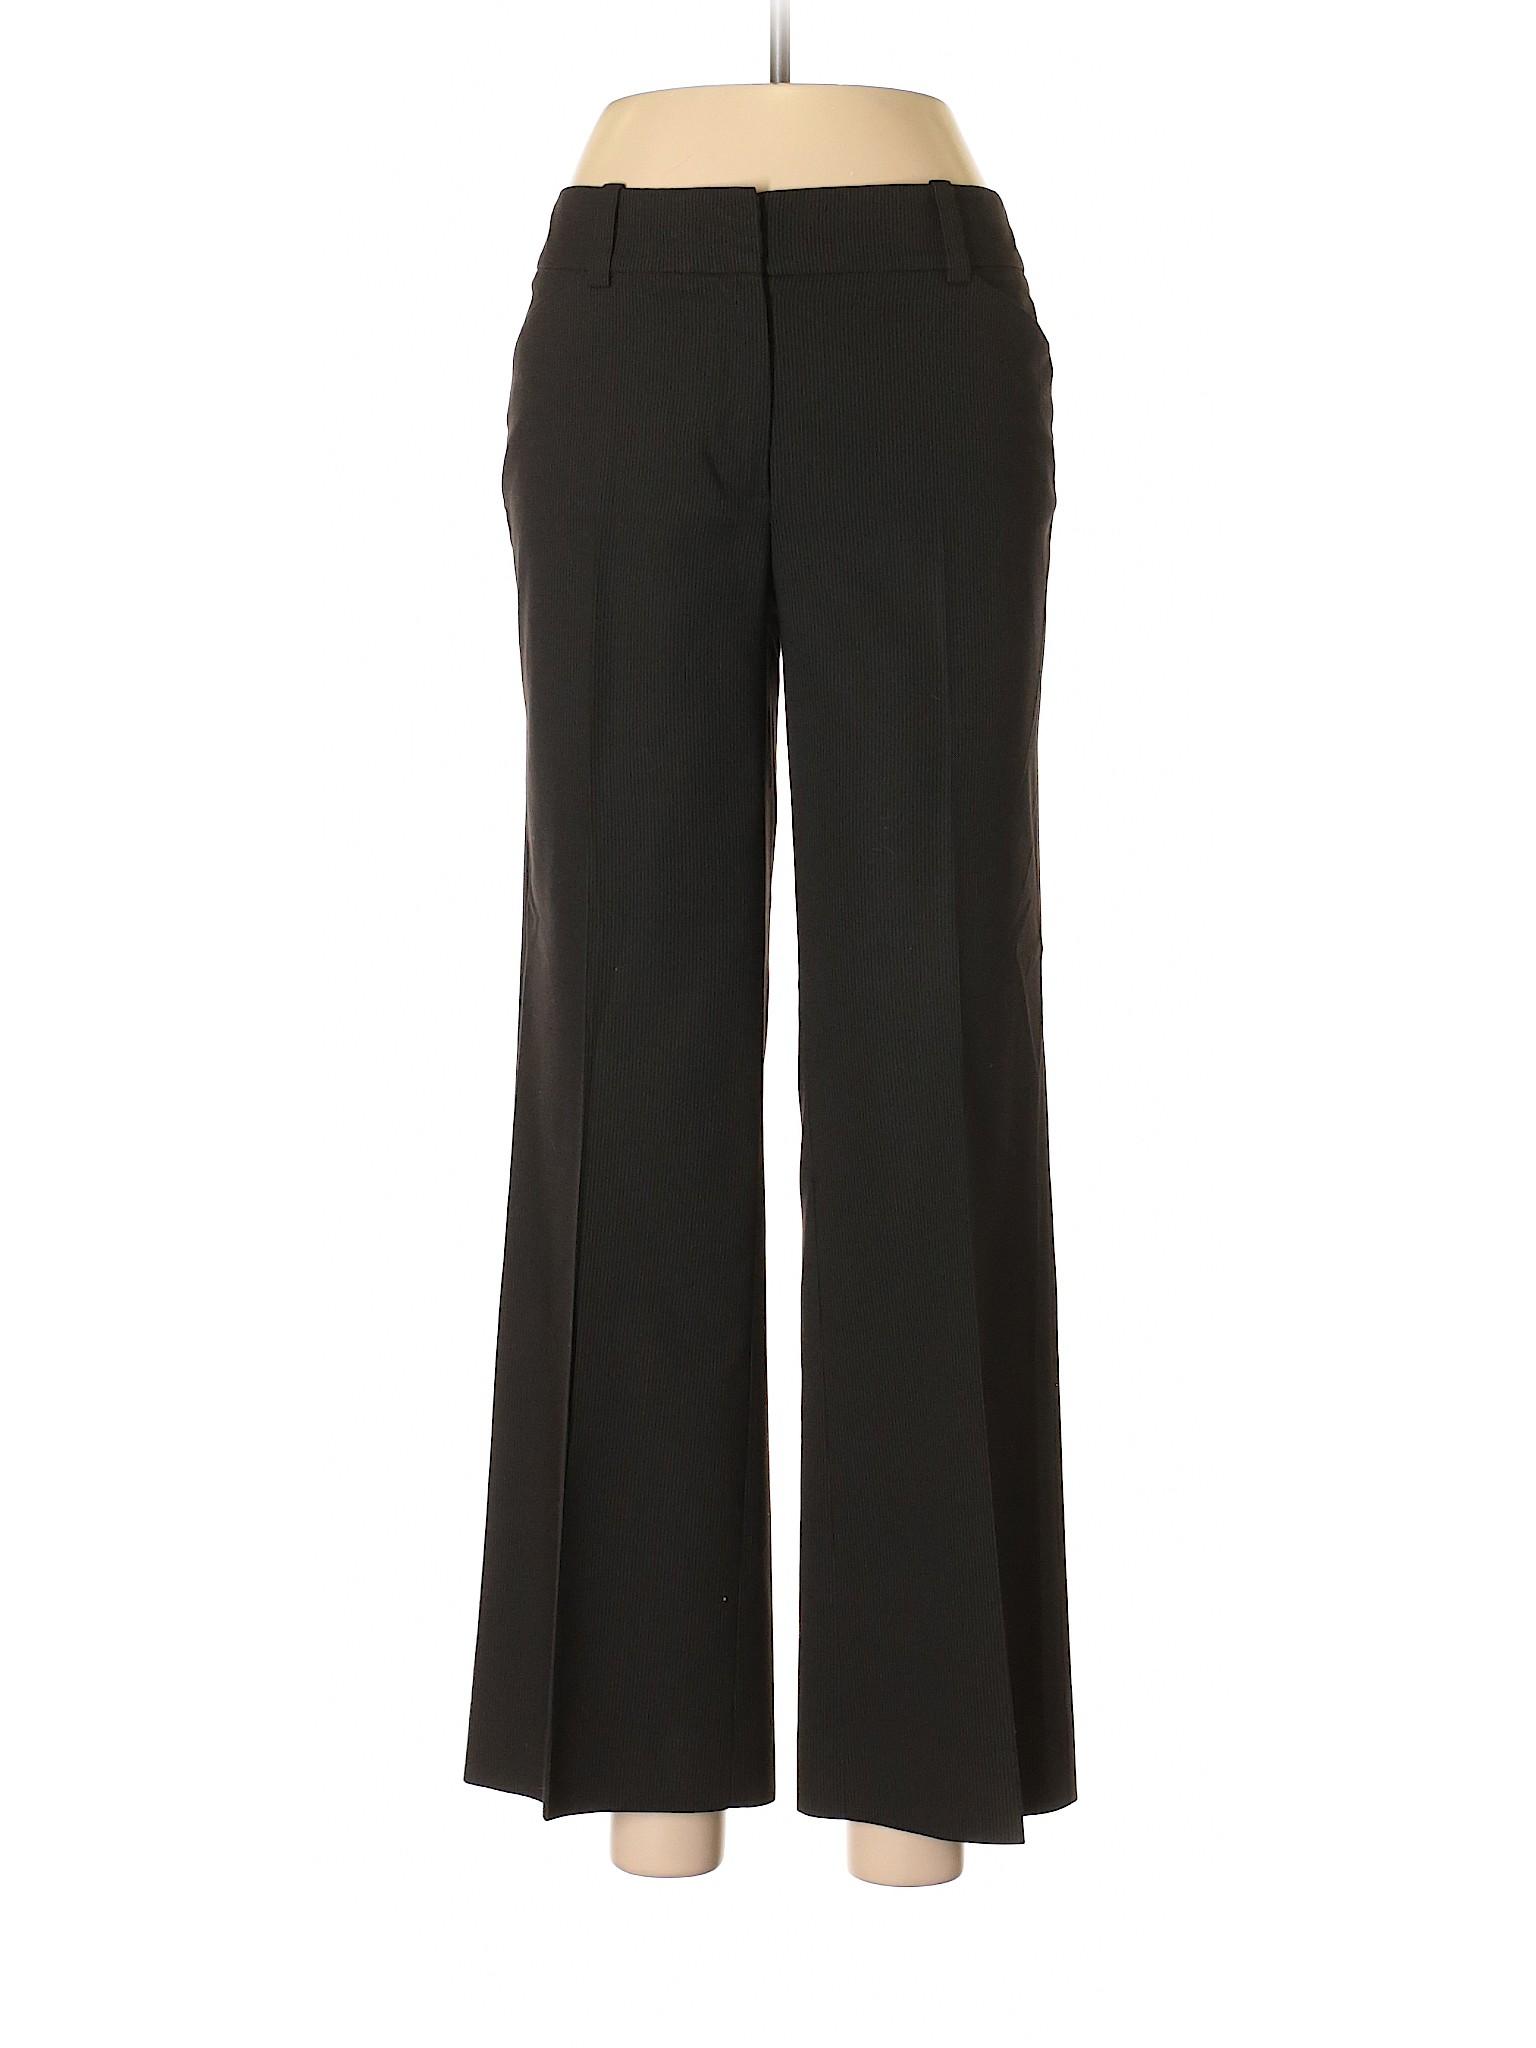 Pants winter Dress Ann Taylor Boutique wa8fIx